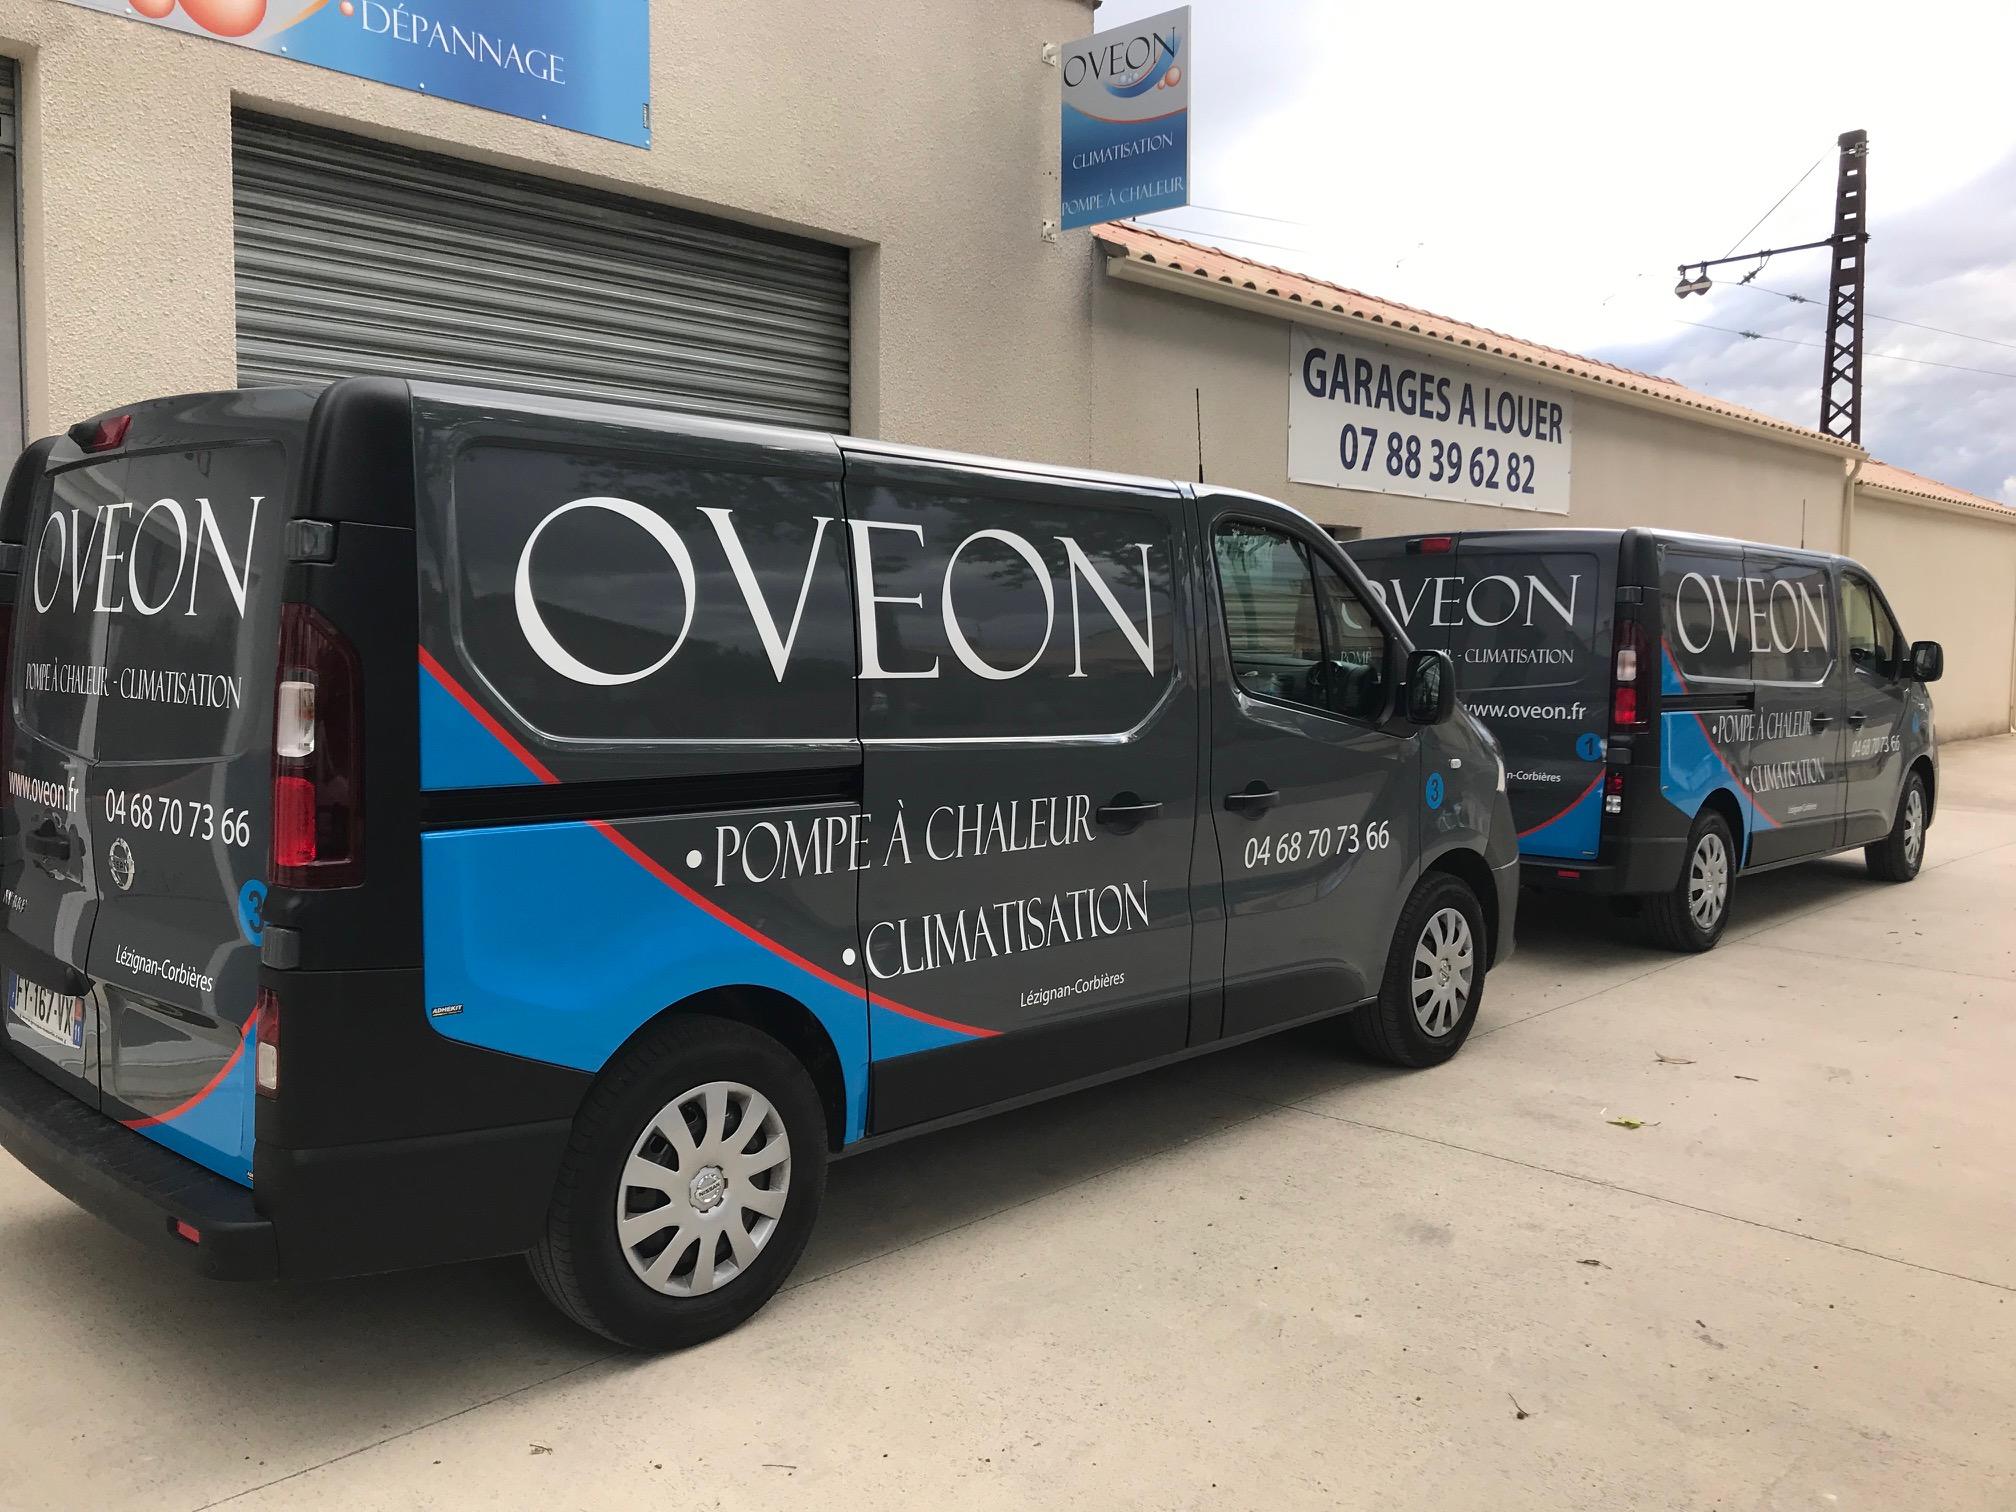 publicité sur véhicule ovéon climatisation